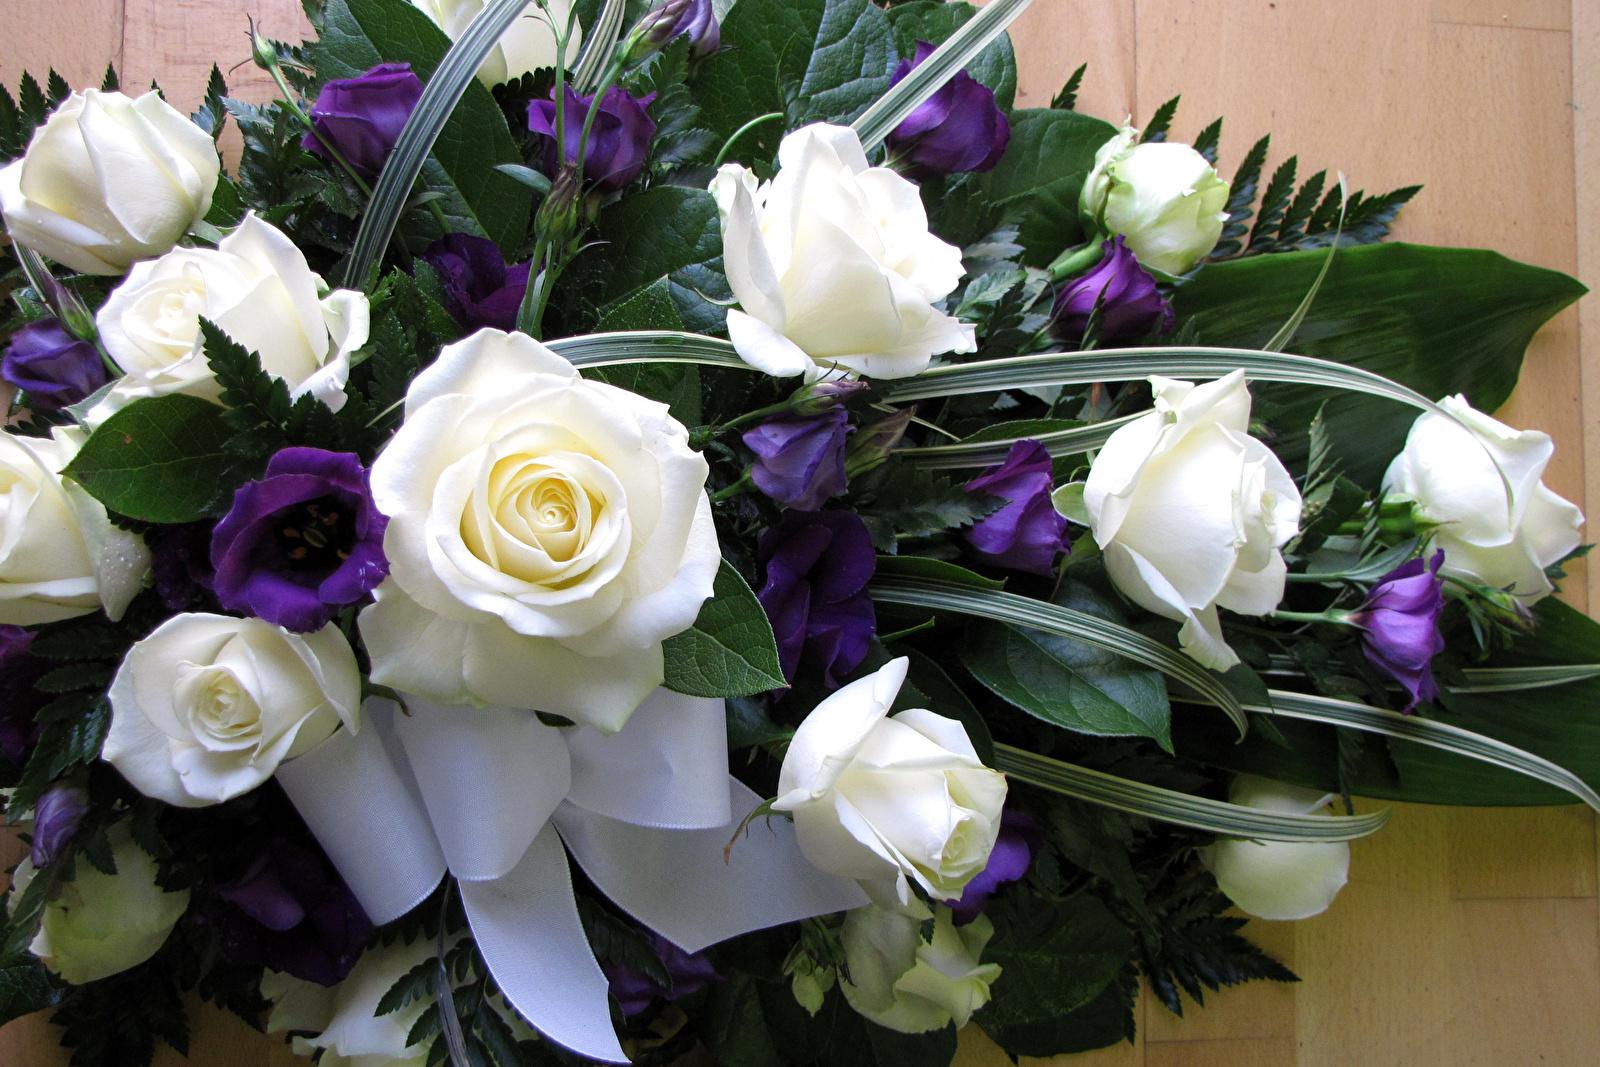 красивые цветы на столе фото букеты закапываются